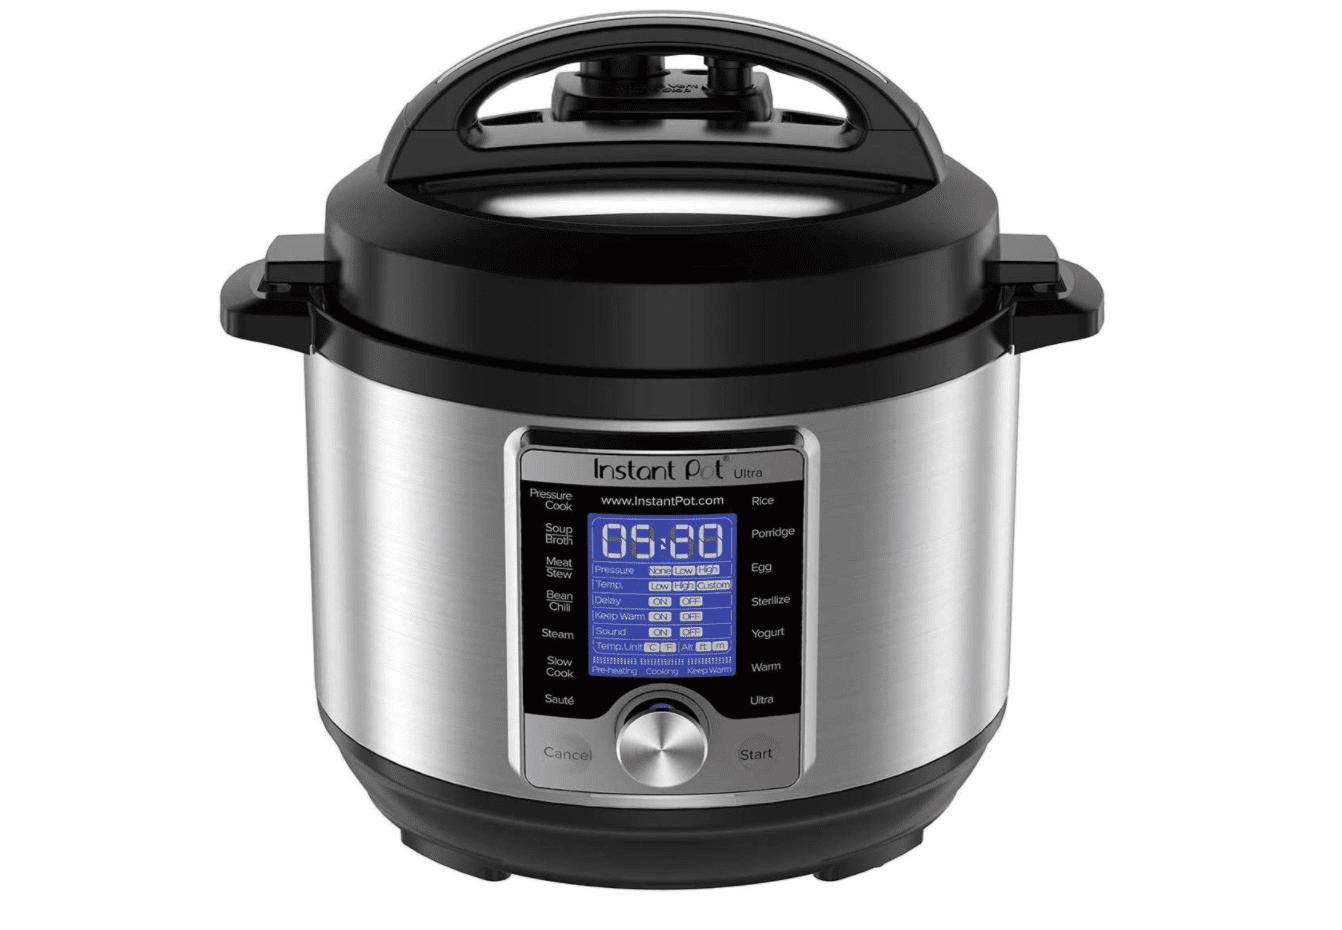 Ultra Mini 10-in-1 Electric Pressure Cooker